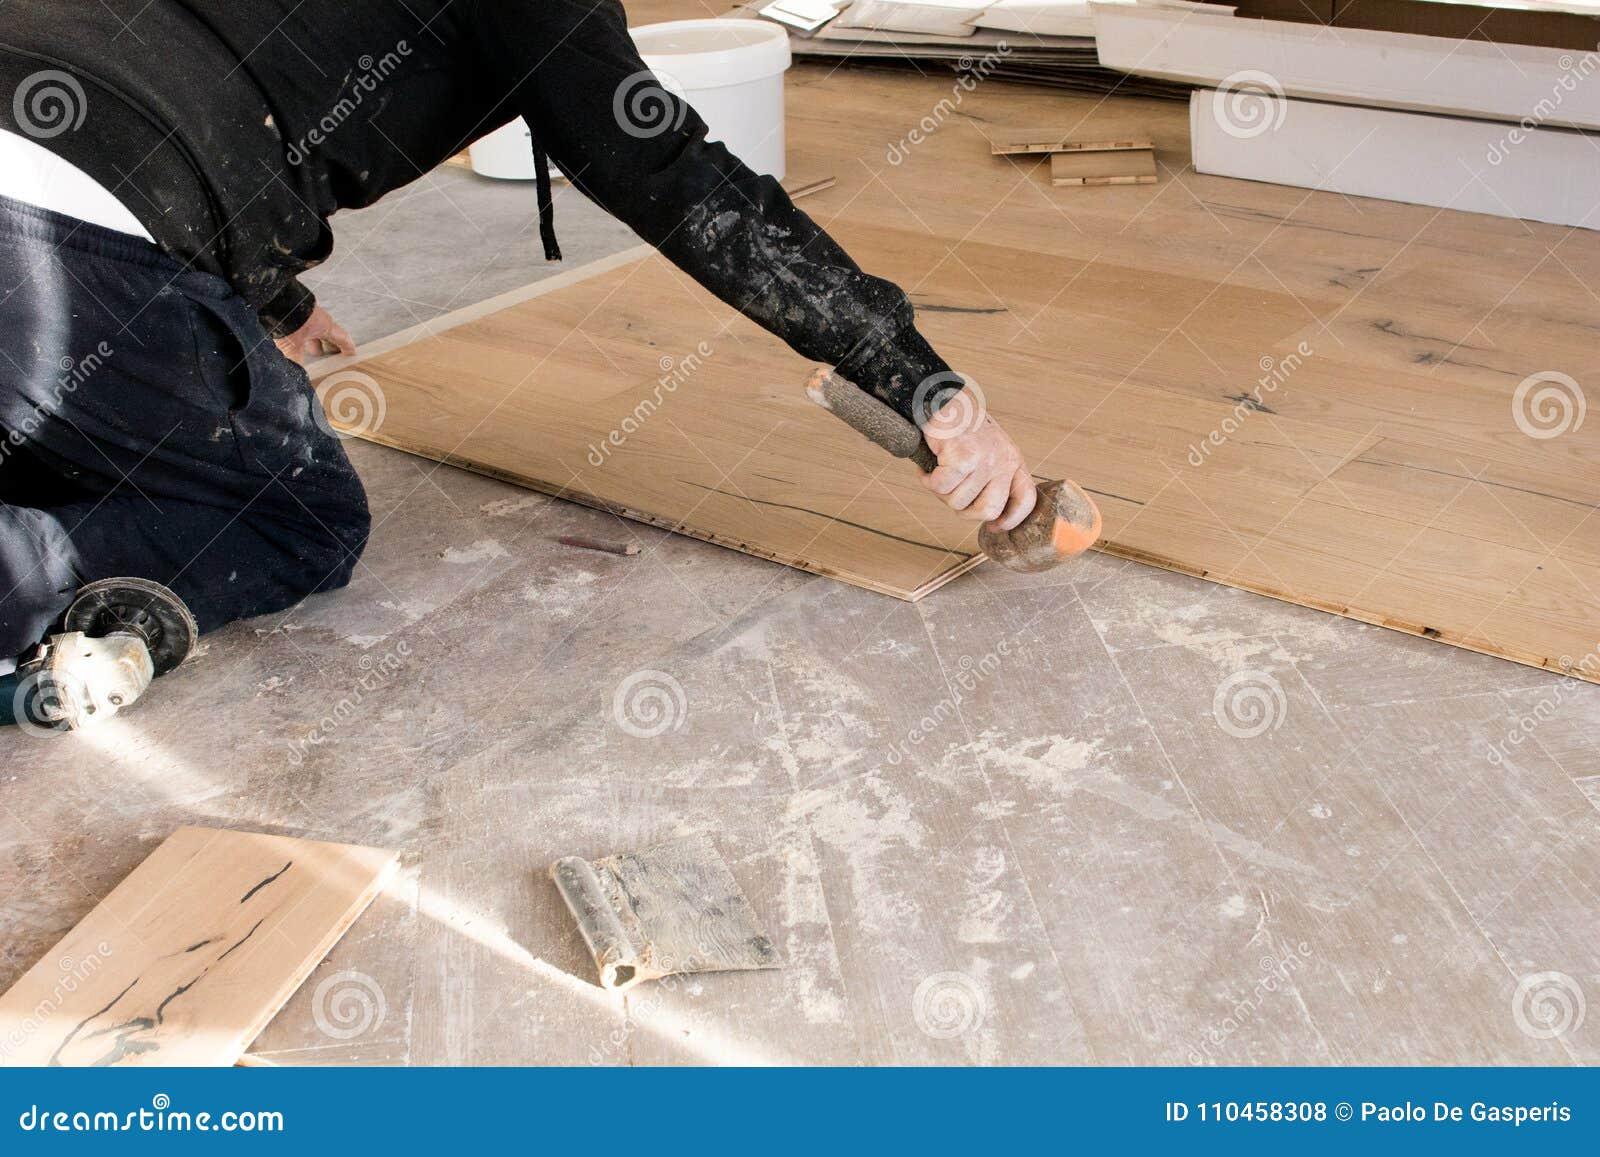 Renovering av en lägenhet, den kompetenta arbetaren använder en plast- hammare